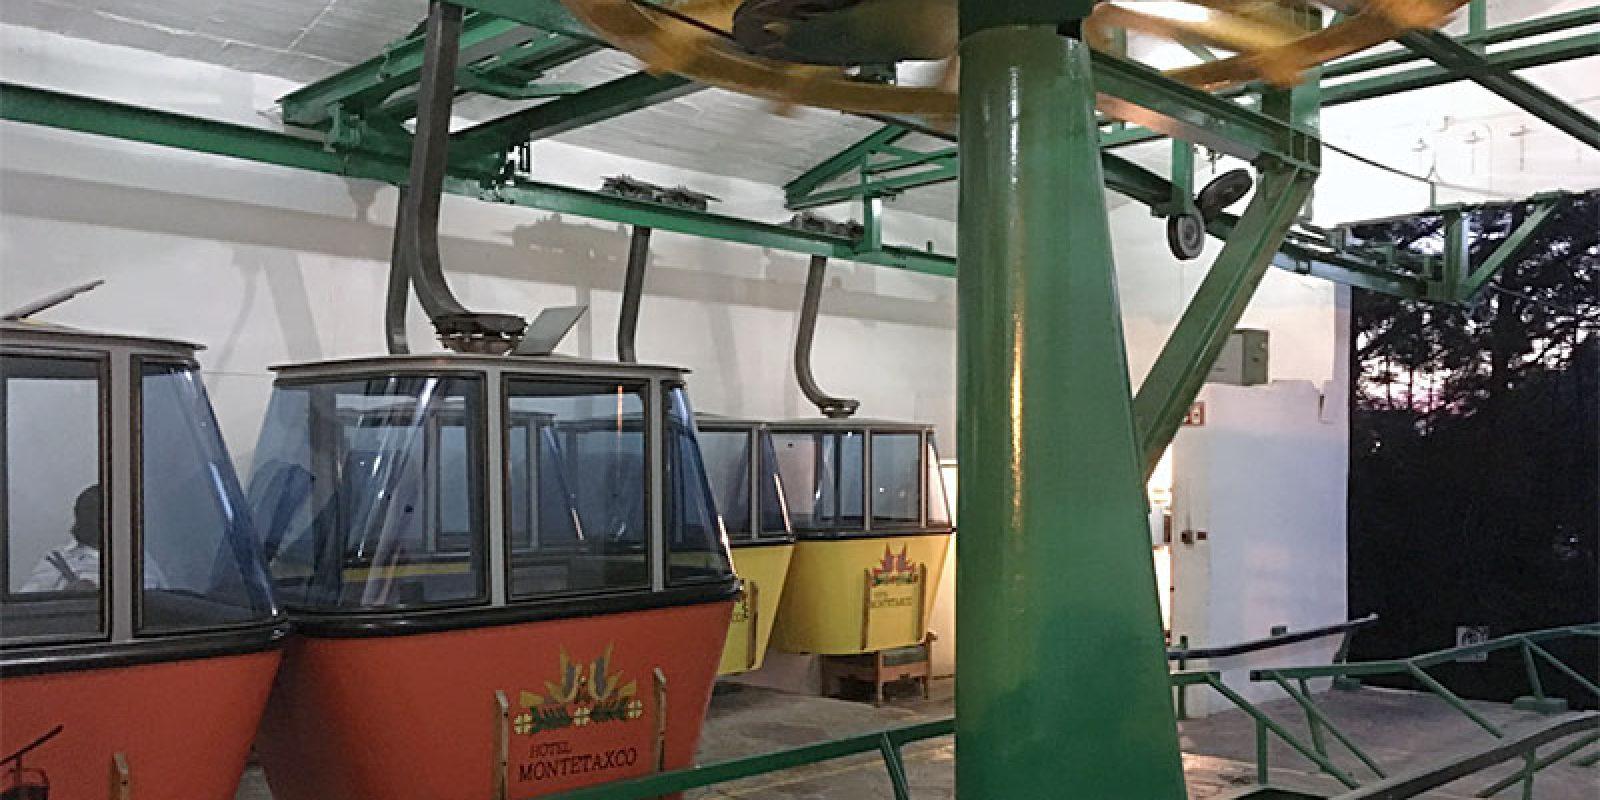 taxco-teleferico-miguel-jimenez. Imagen Por: Foto: Miguel Jimén